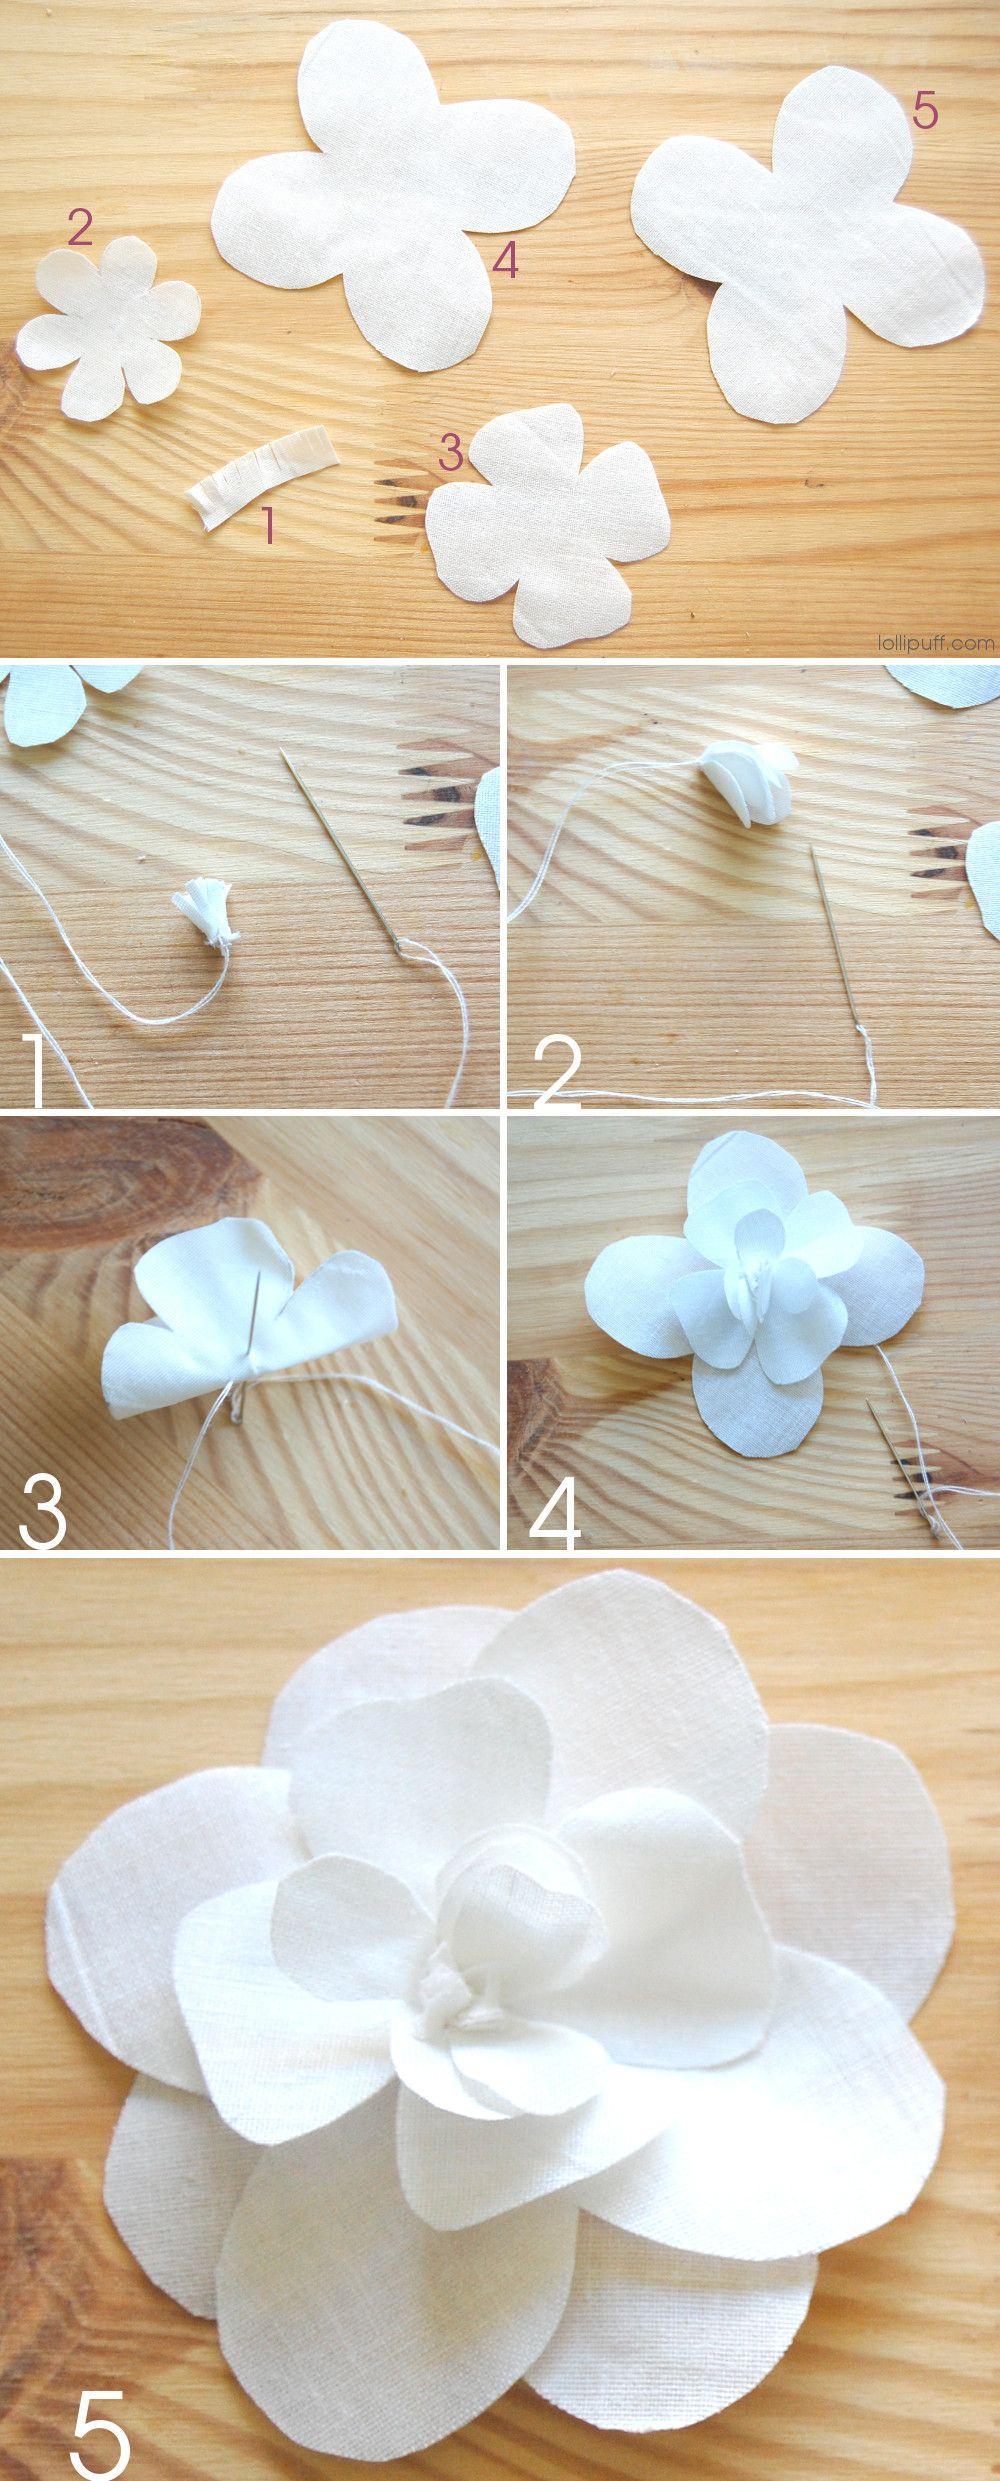 A Fun Diy Fabric Camellia Flower Fabric Flower Tutorial Fabric Flowers Diy Fabric Flowers